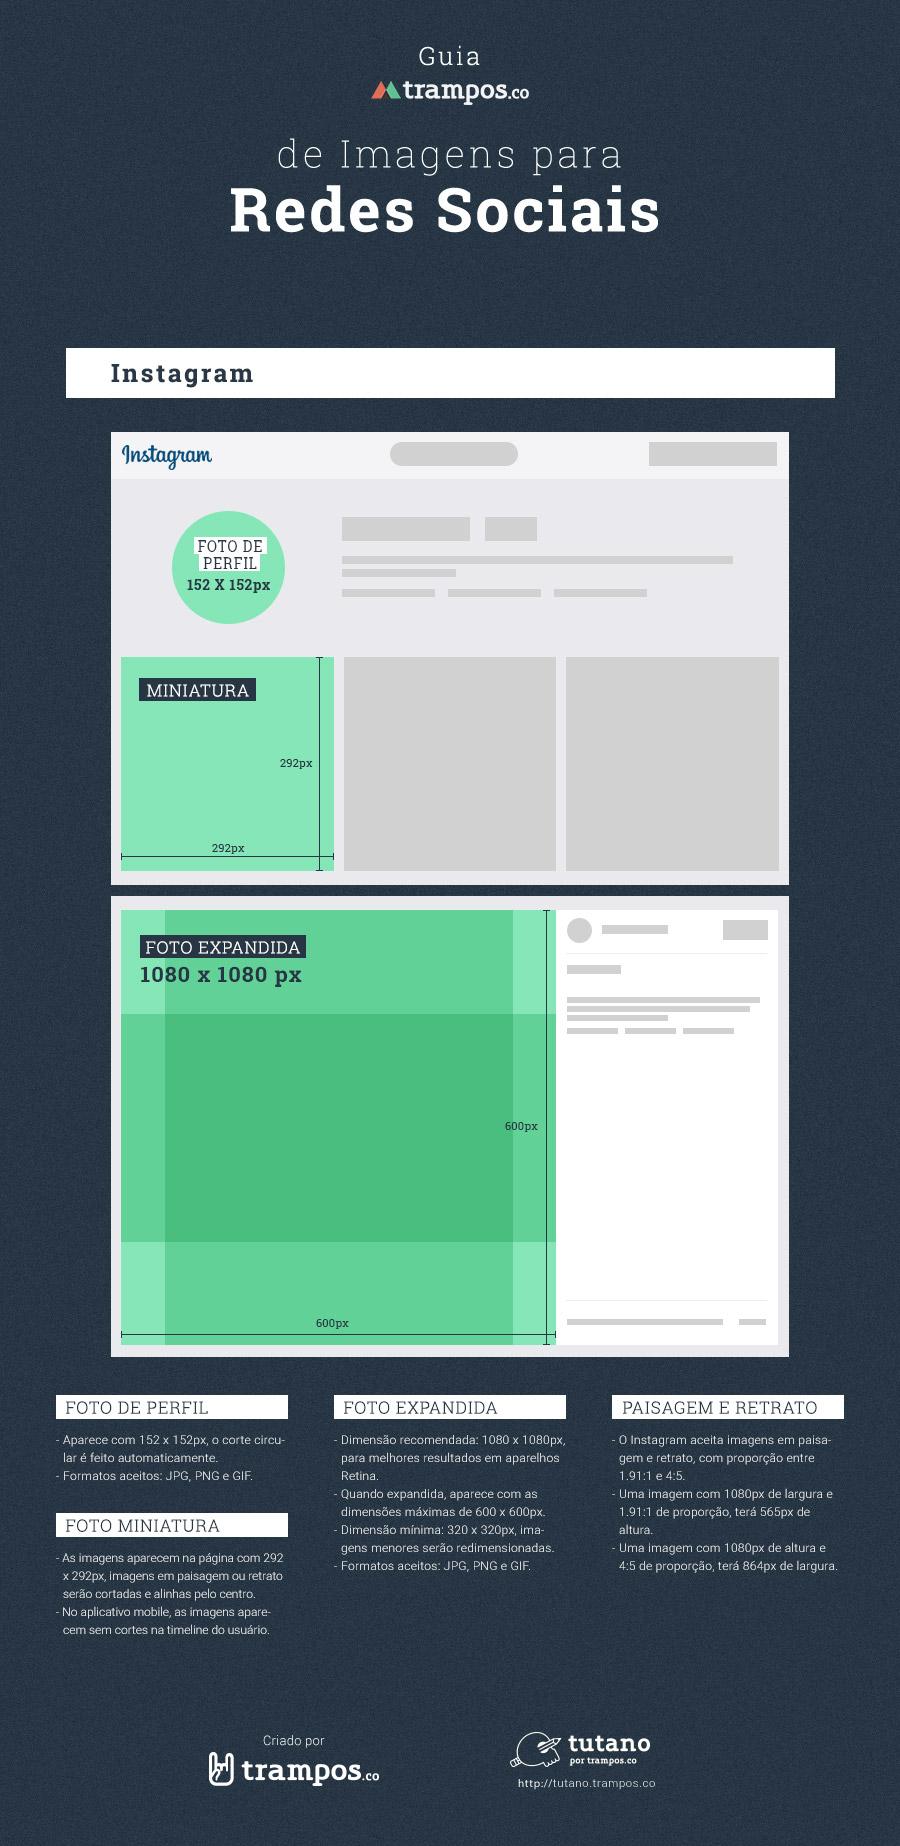 Guia trampos de tamanhos de imagens para mídias sociais: Instagram